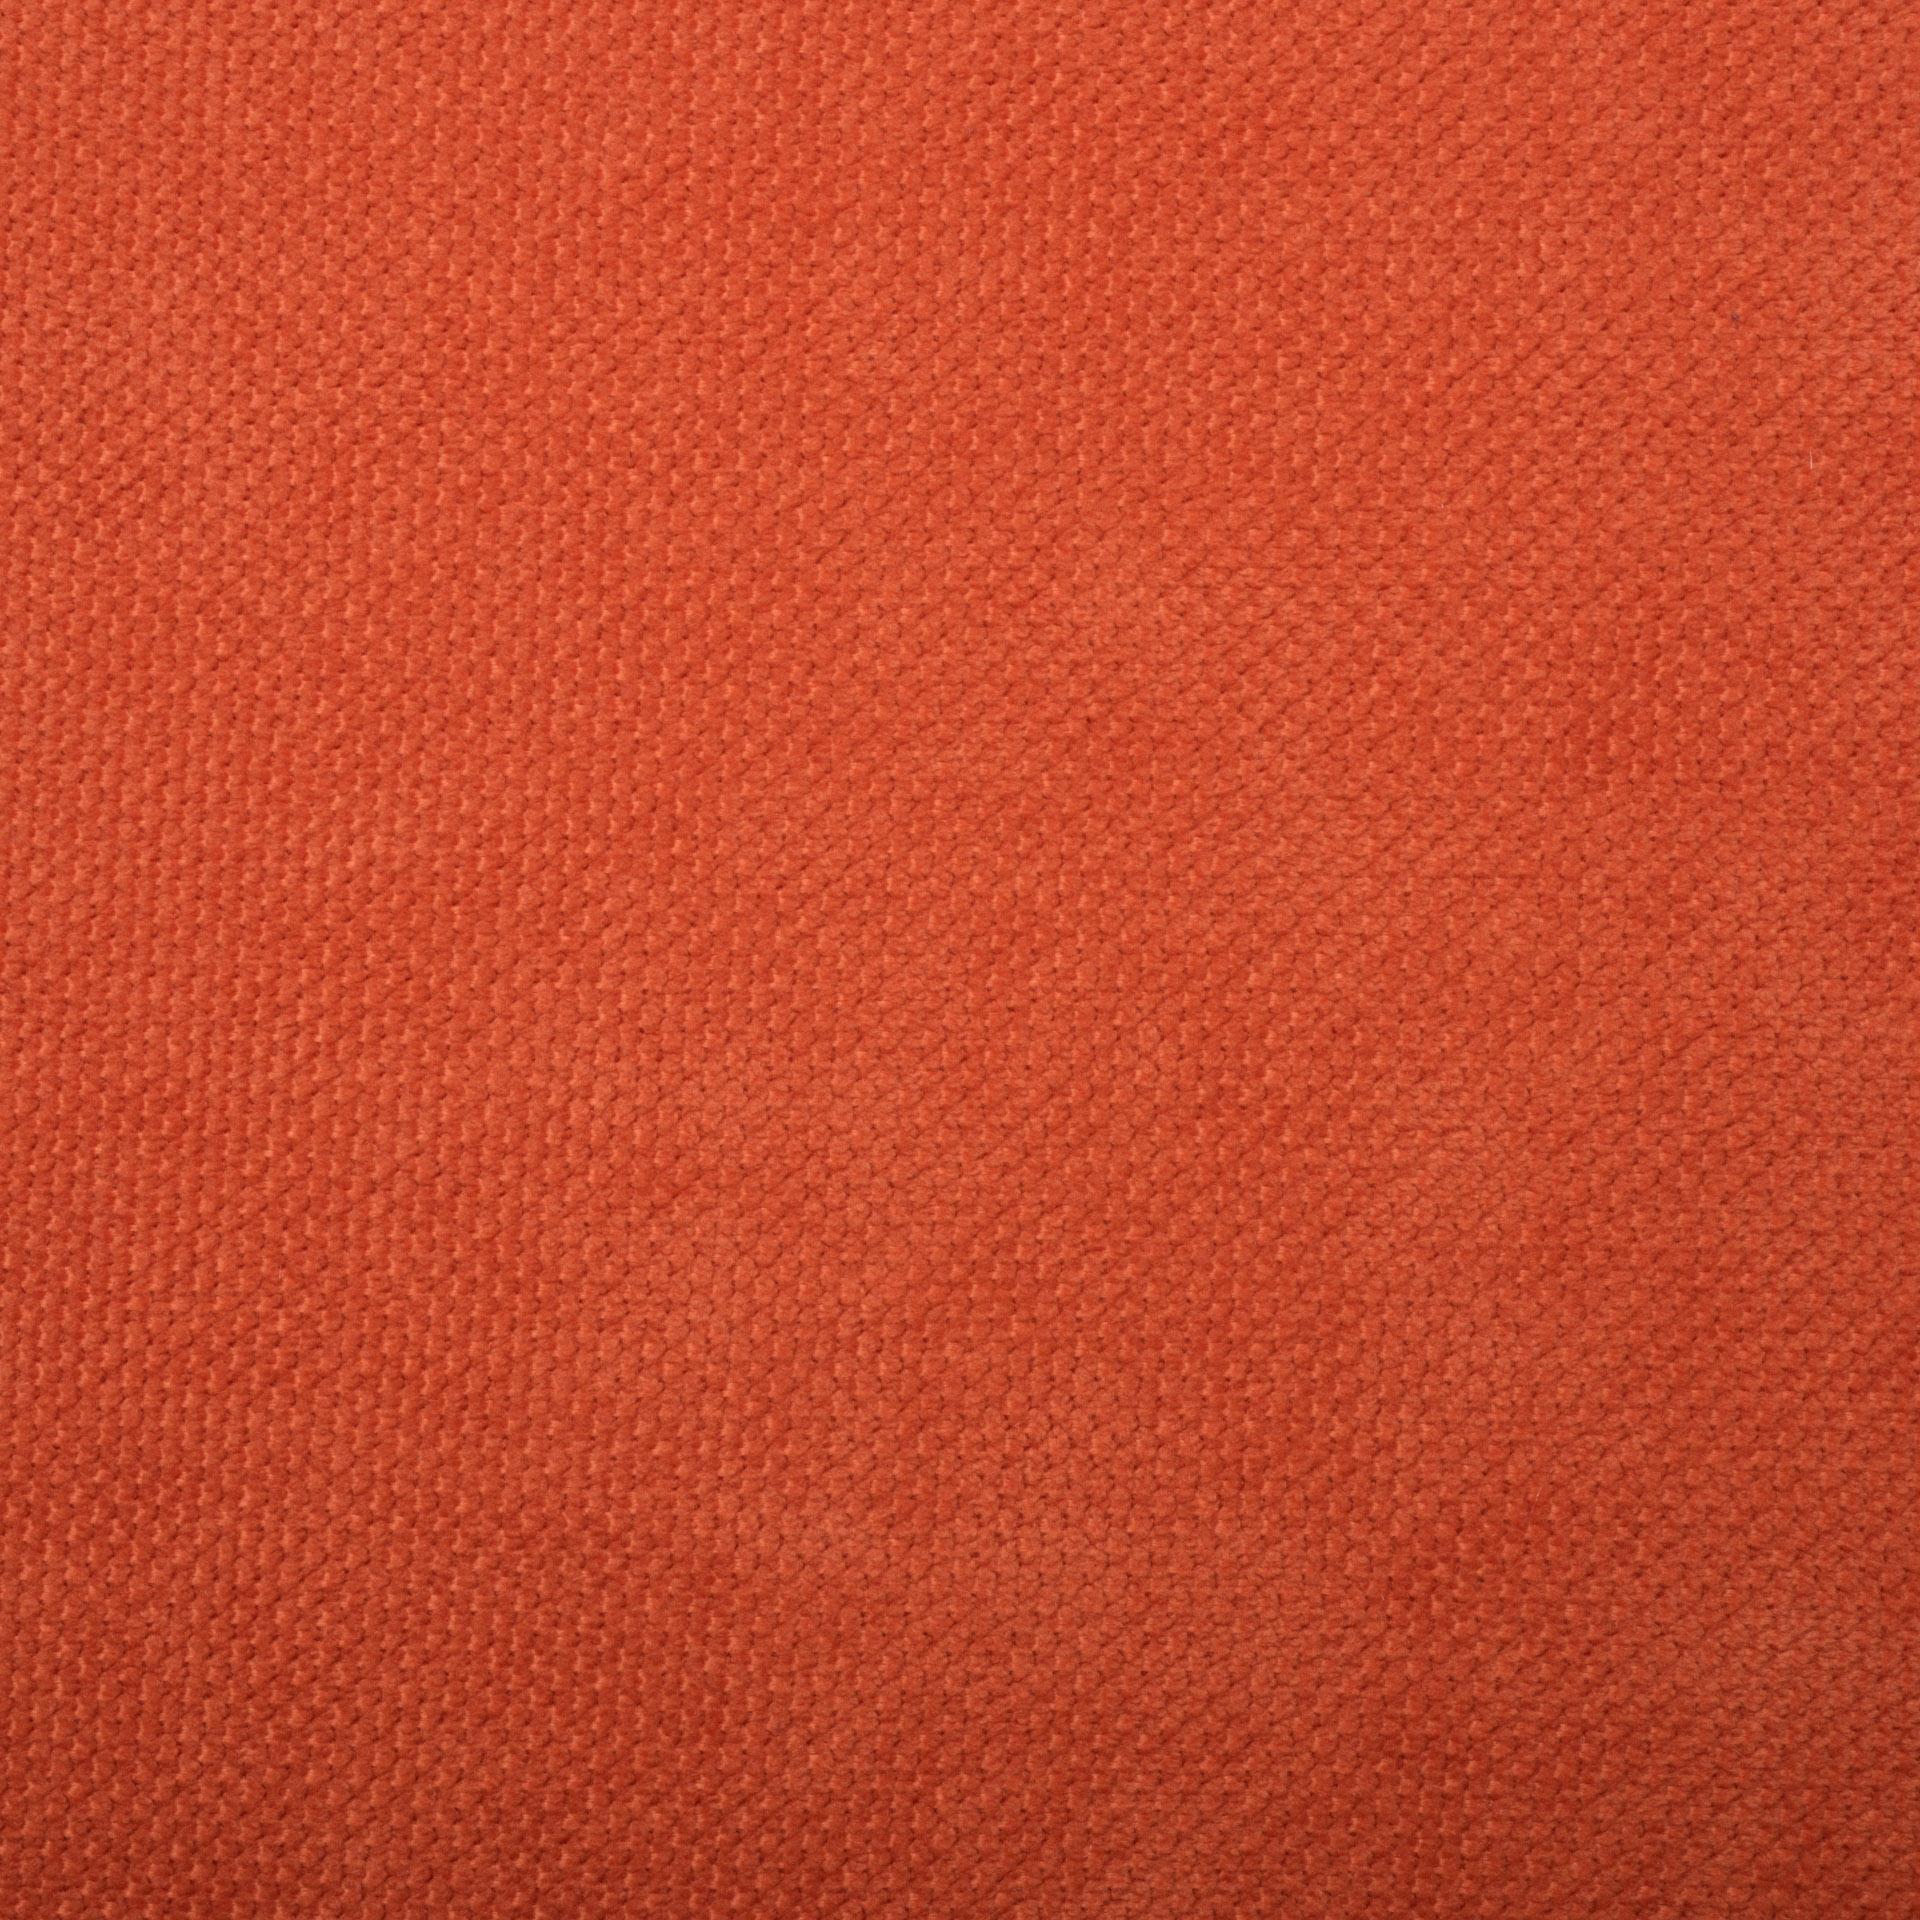 Коллекция ткани Дели 13 ORANGE,  купить ткань Жаккард для мебели Украина